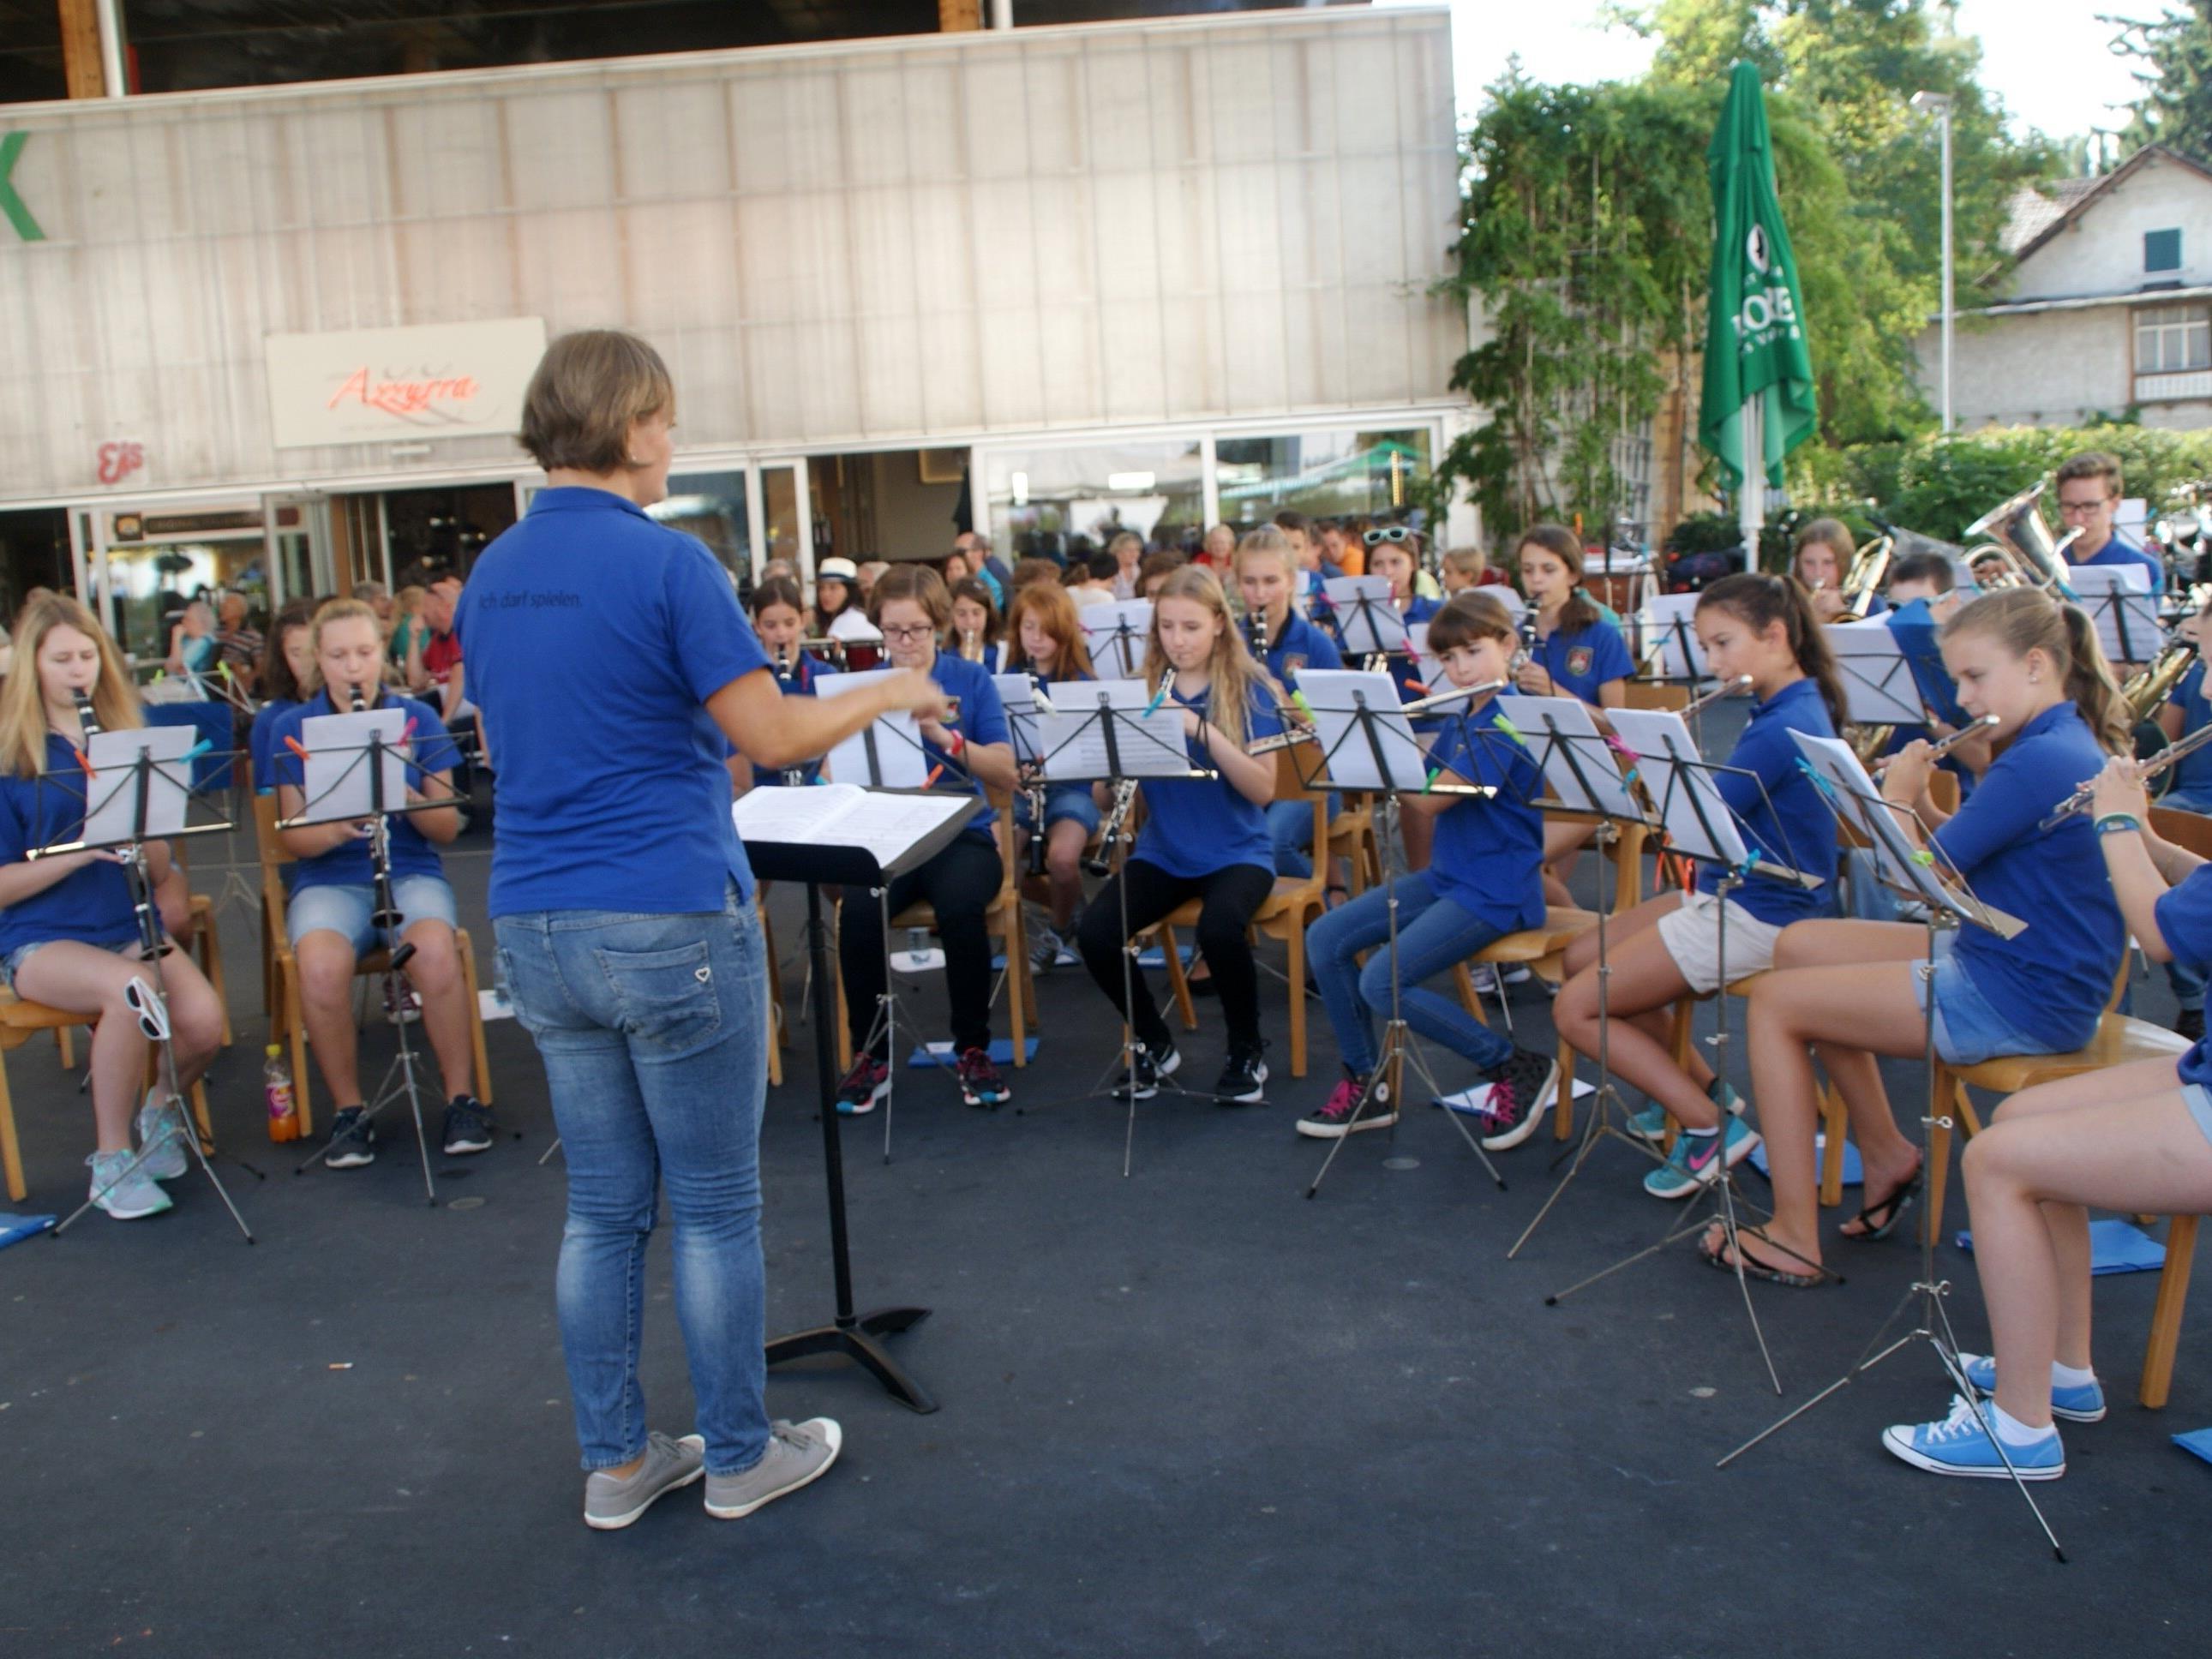 Die Jugendmusik des Musikvereins spielte am Kirchplatz zum Wochenmarkt